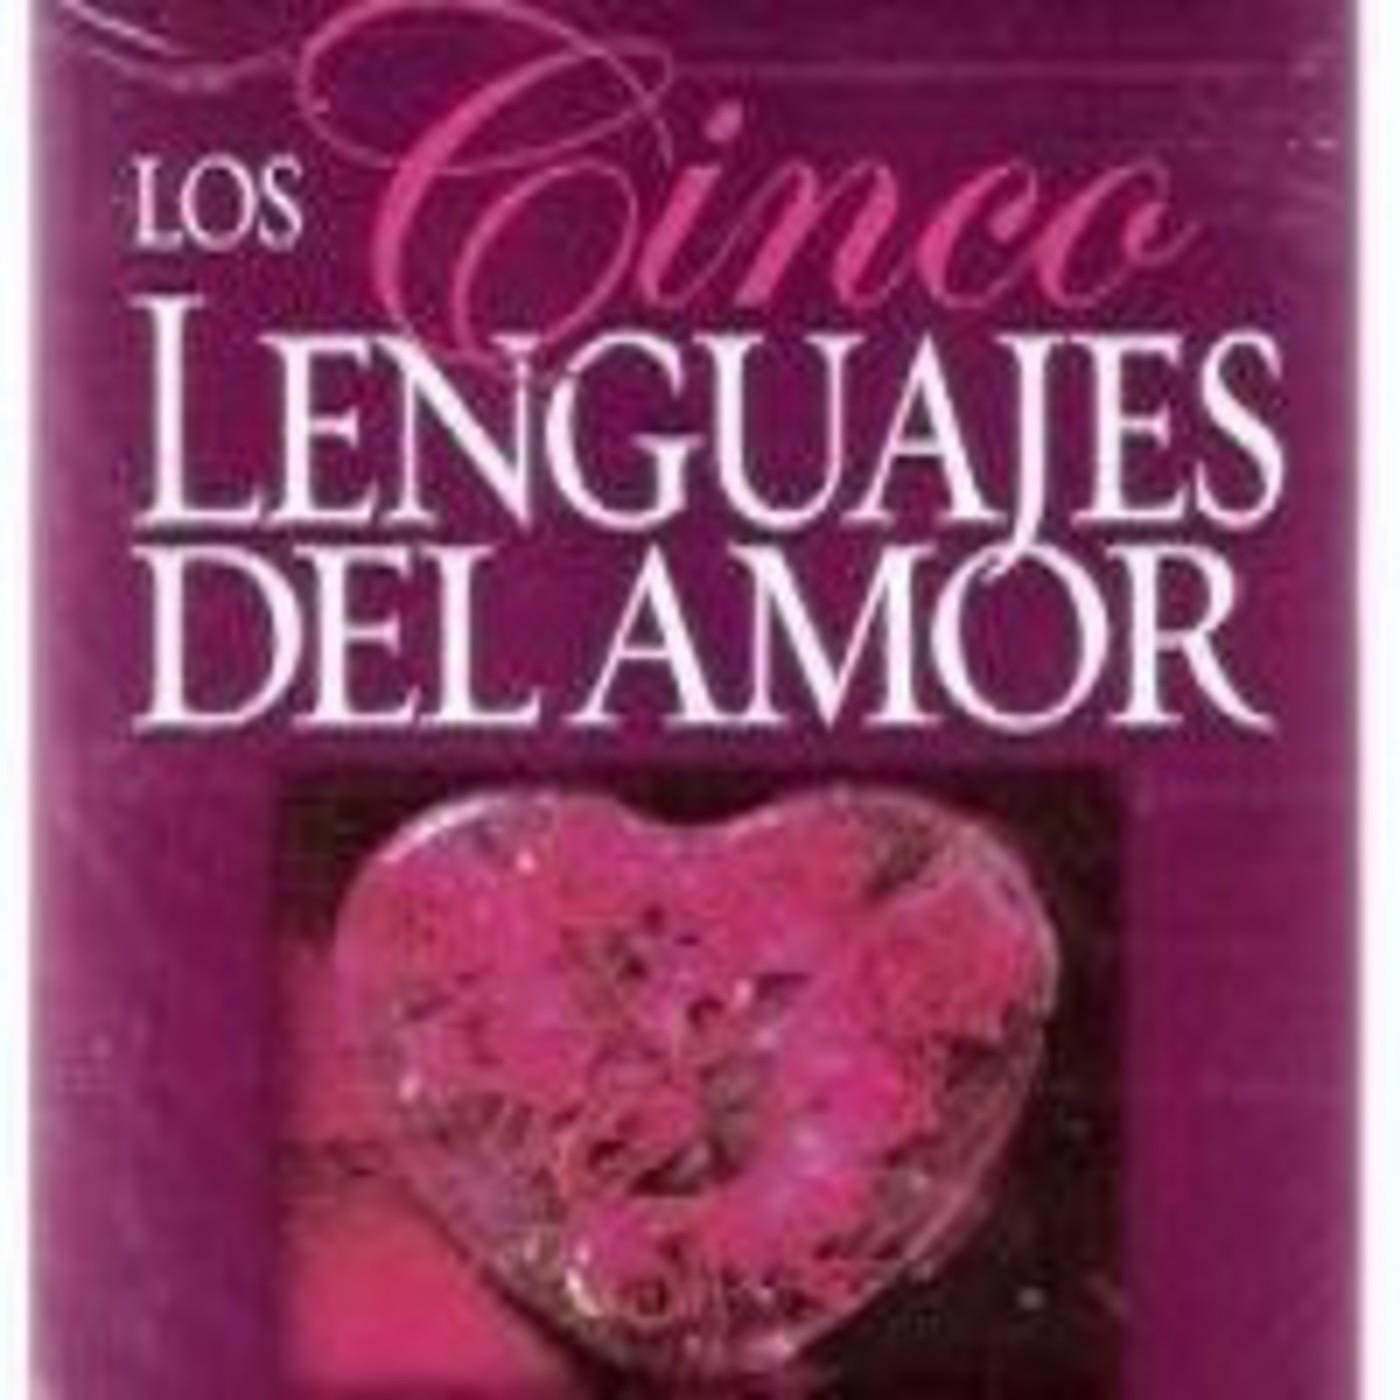 01 04 los cinco lenguajes del amor gary chapman en amor relaciones y sexualidad en mp3 19 09 a las 06 26 44 01 15 37 369864 ivoox